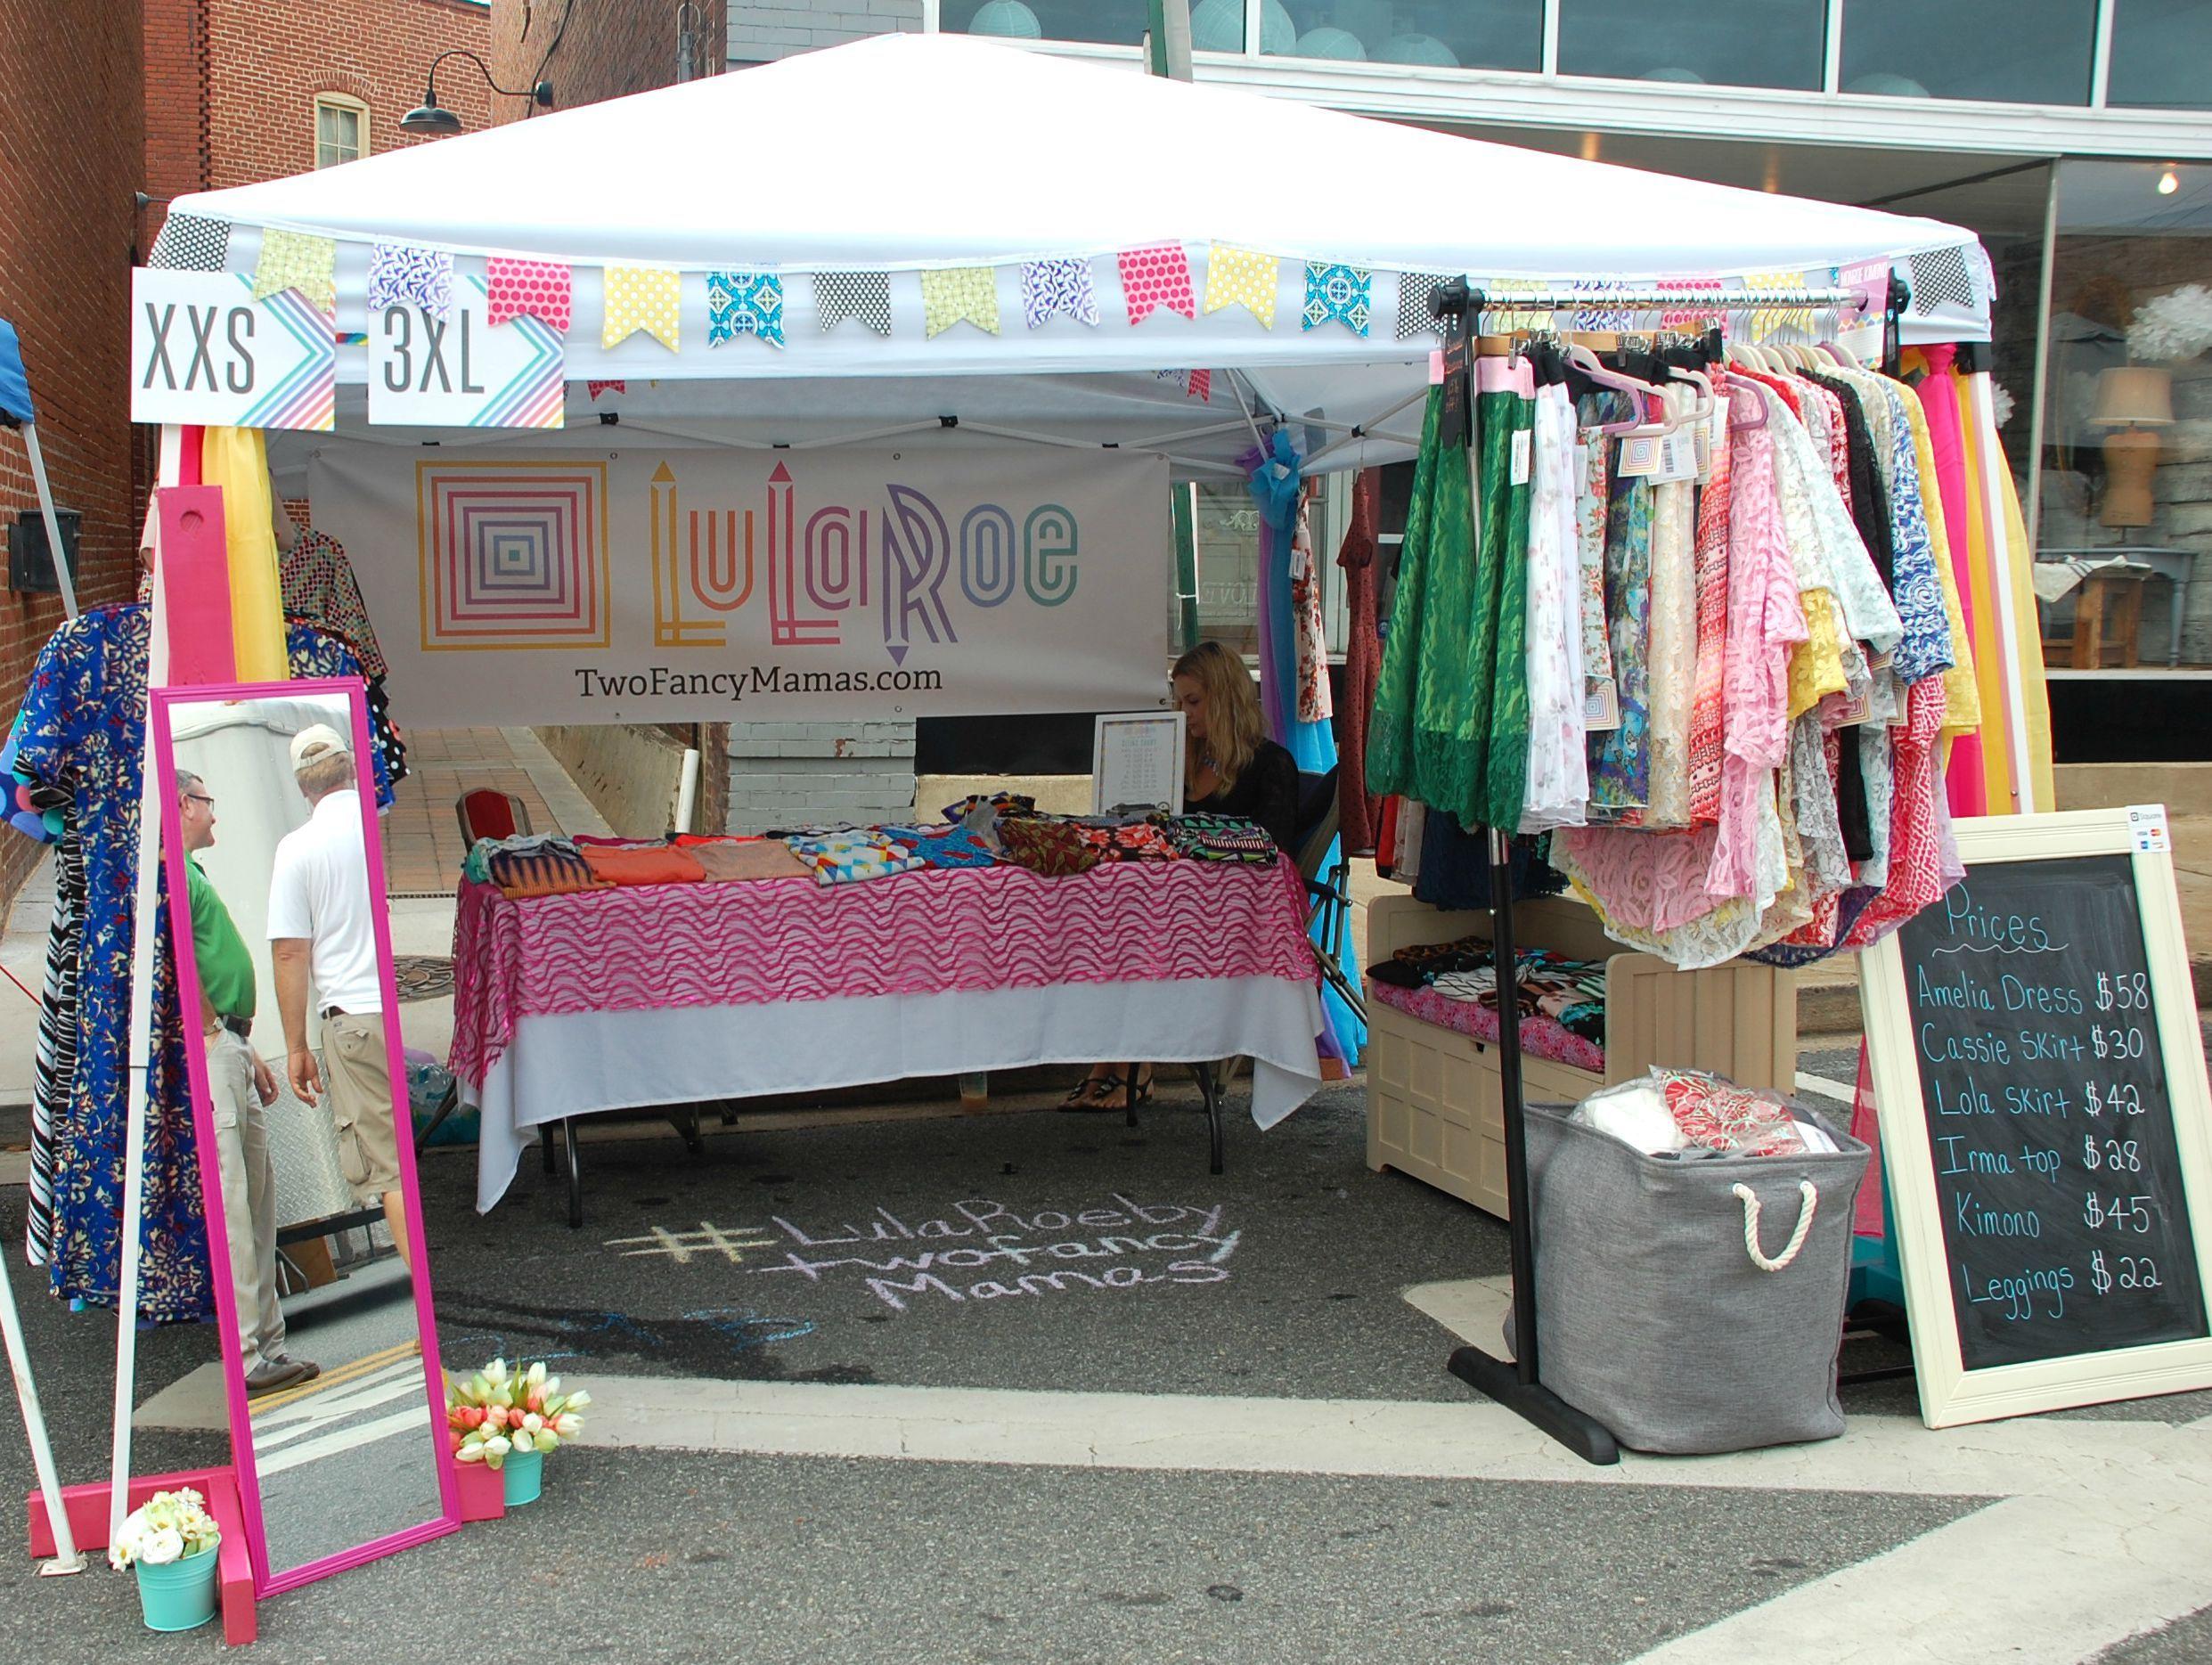 LuLaRoe by TwoFancyMamas.com Outdoor vendor setup